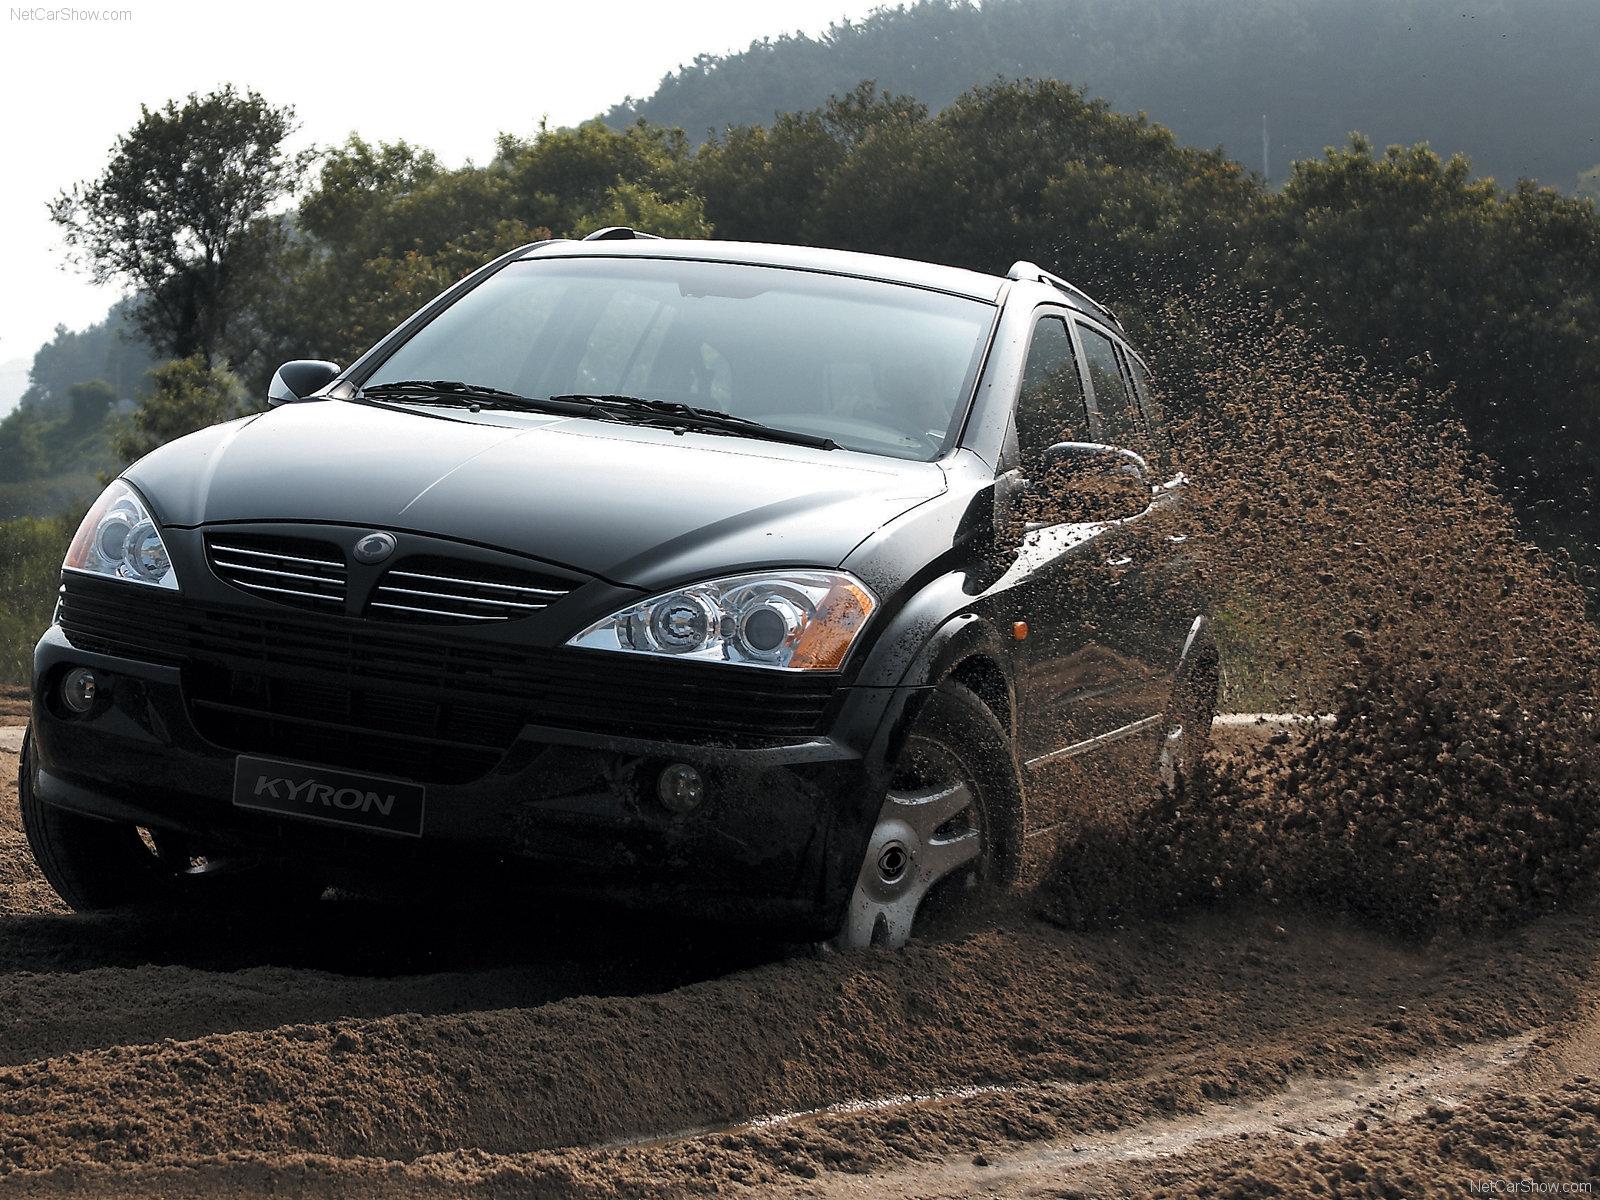 Hình ảnh xe ô tô SsangYong Kyron 2005 & nội ngoại thất